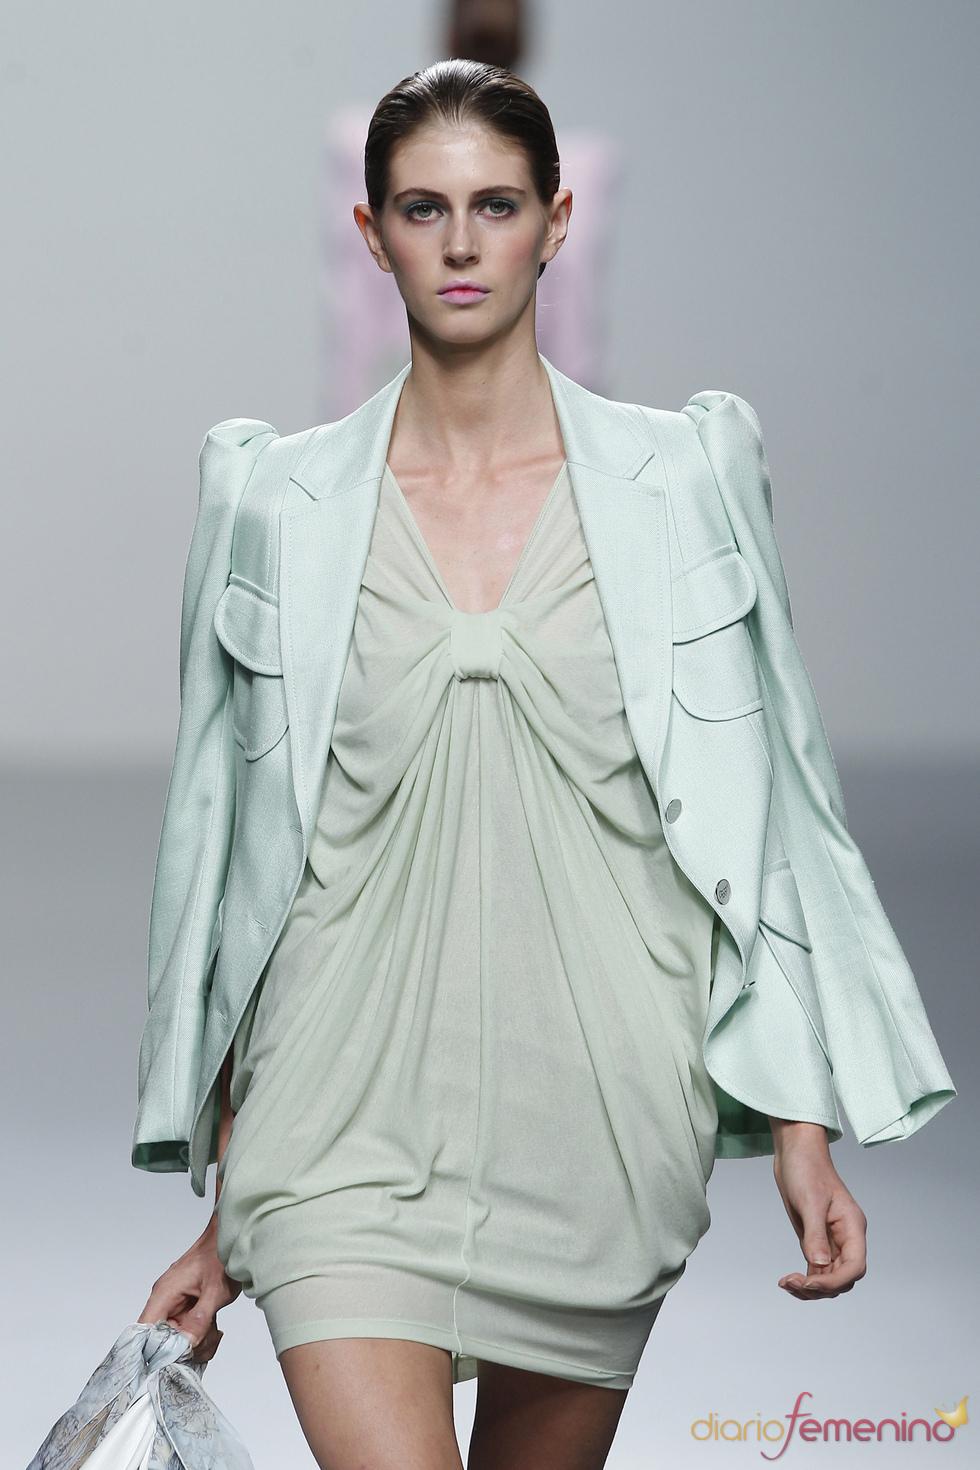 Vestido y chaqueta verde pálido de Miriam Ocariz en Cibeles 2011